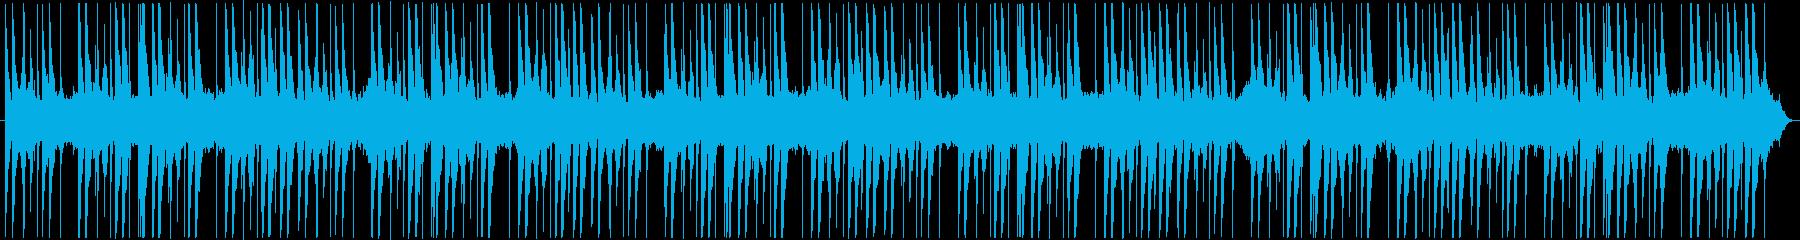 コンガ、ジャンベ、ストリングパッド...の再生済みの波形